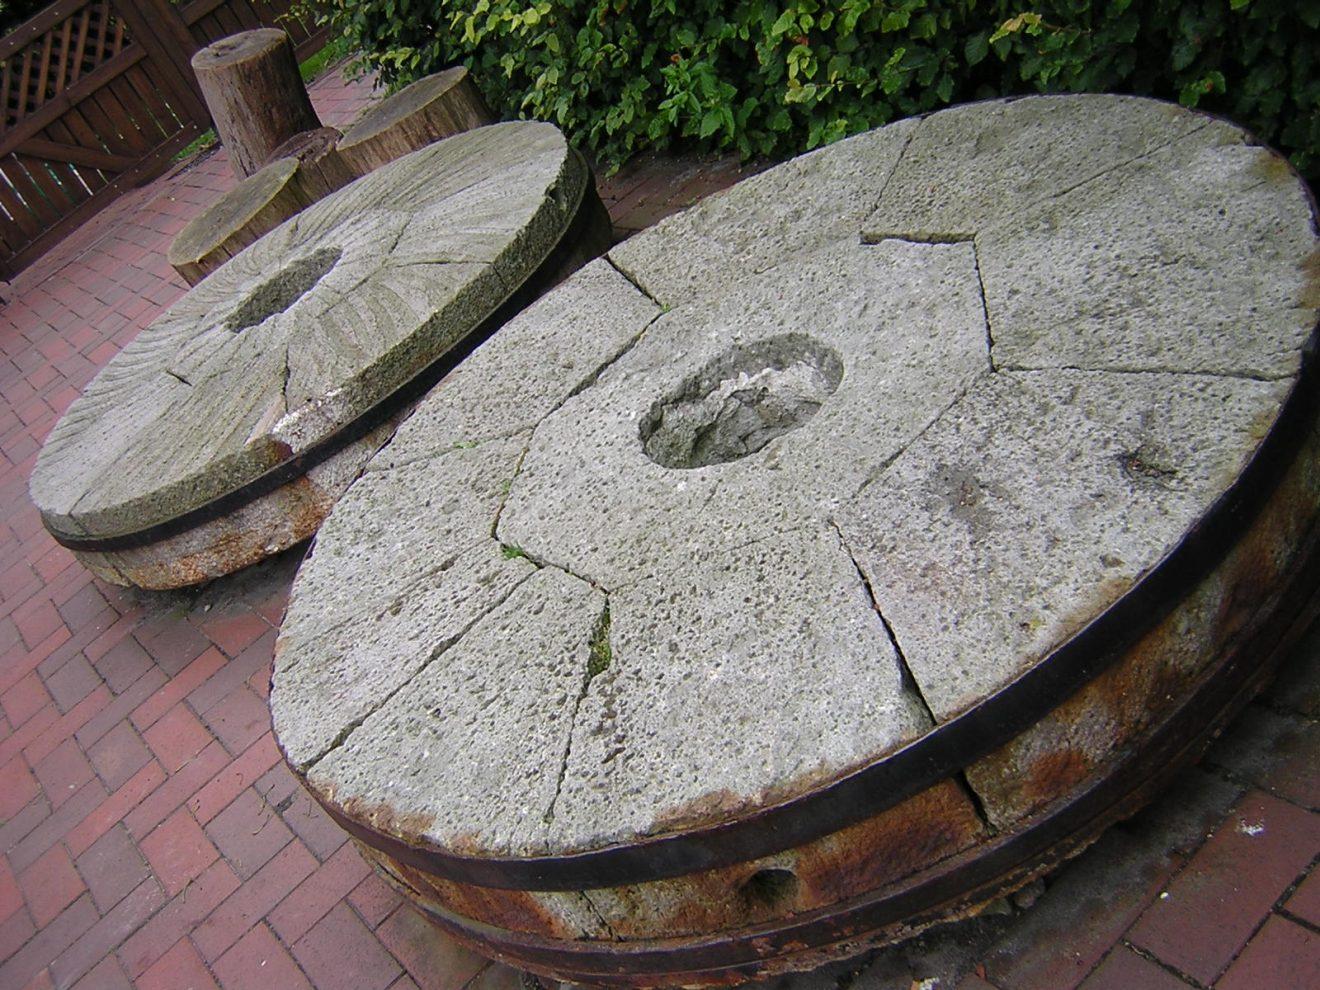 Ausgediente Mühlsteine, die vor der Mühle liegen